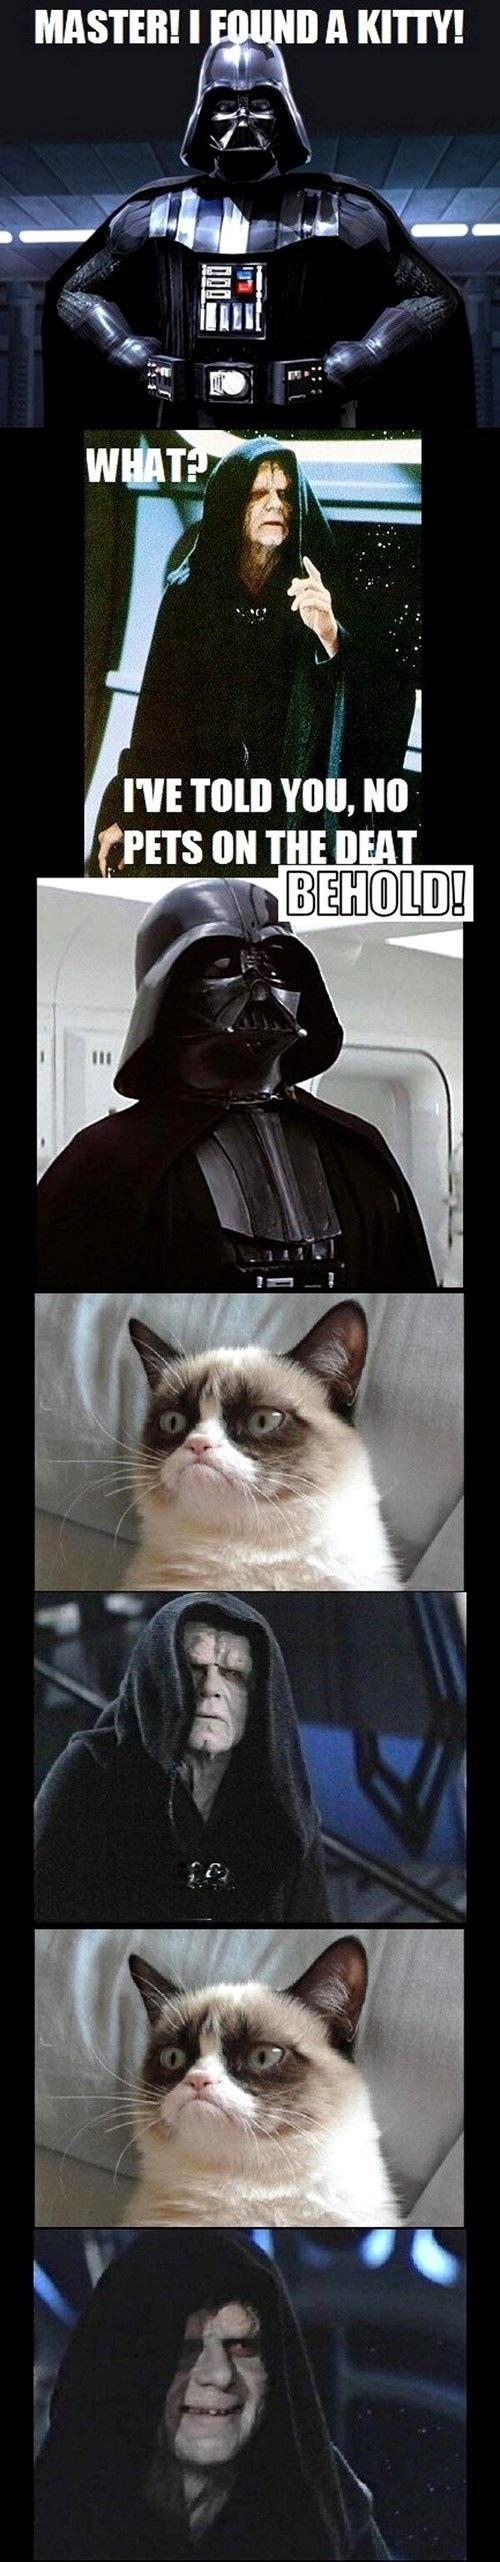 star wars grumpy cat - photo #3